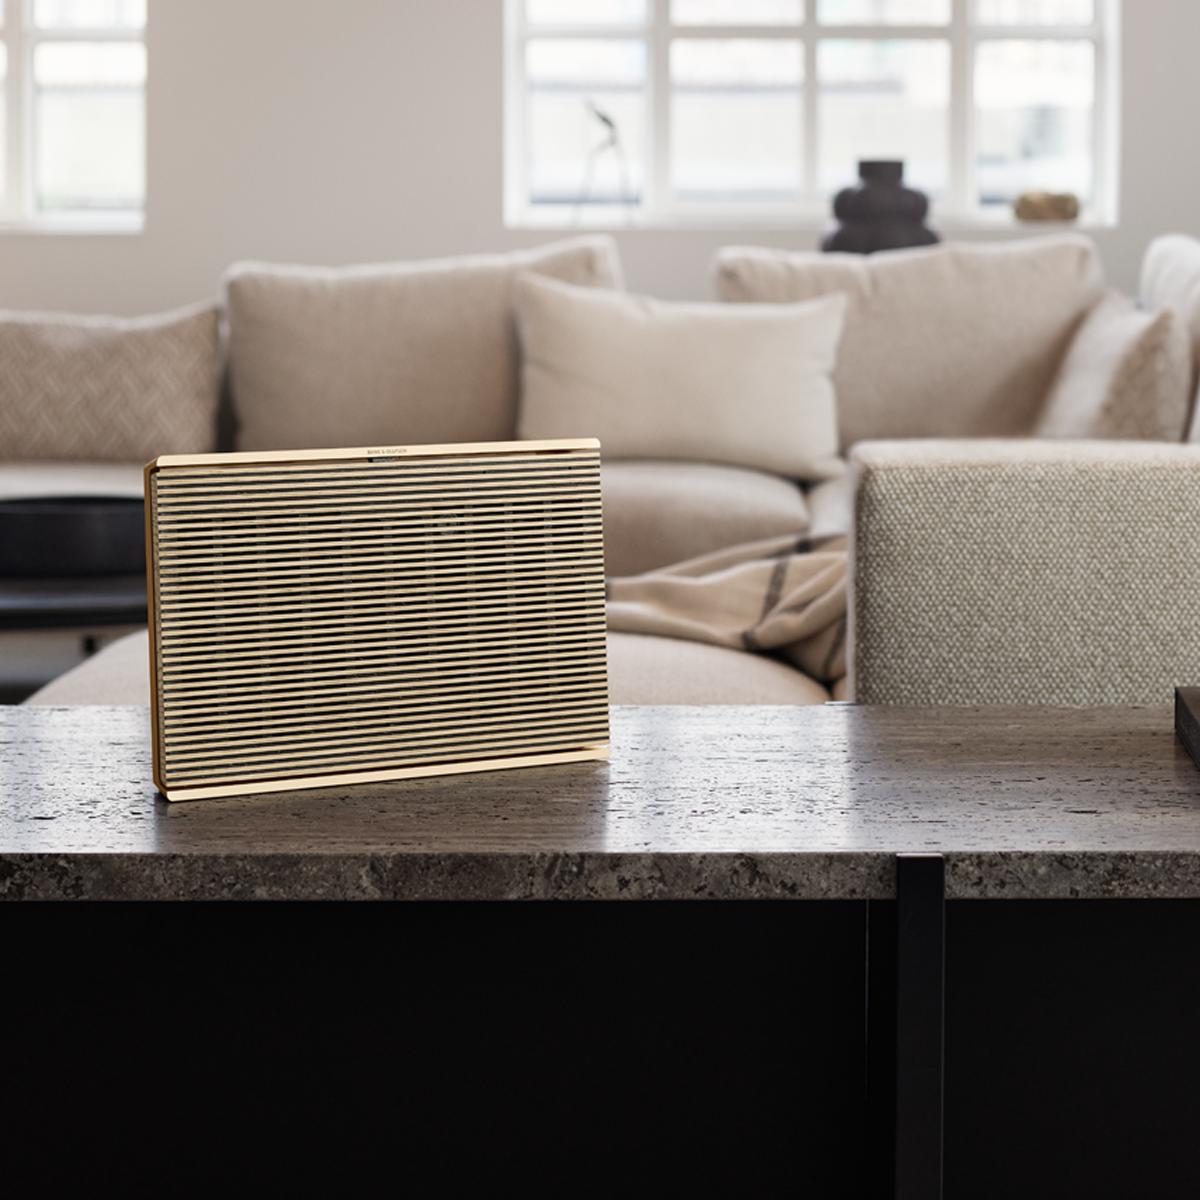 Wir präsentieren unsere neue tragbare Soundbar: die Beosound Level.